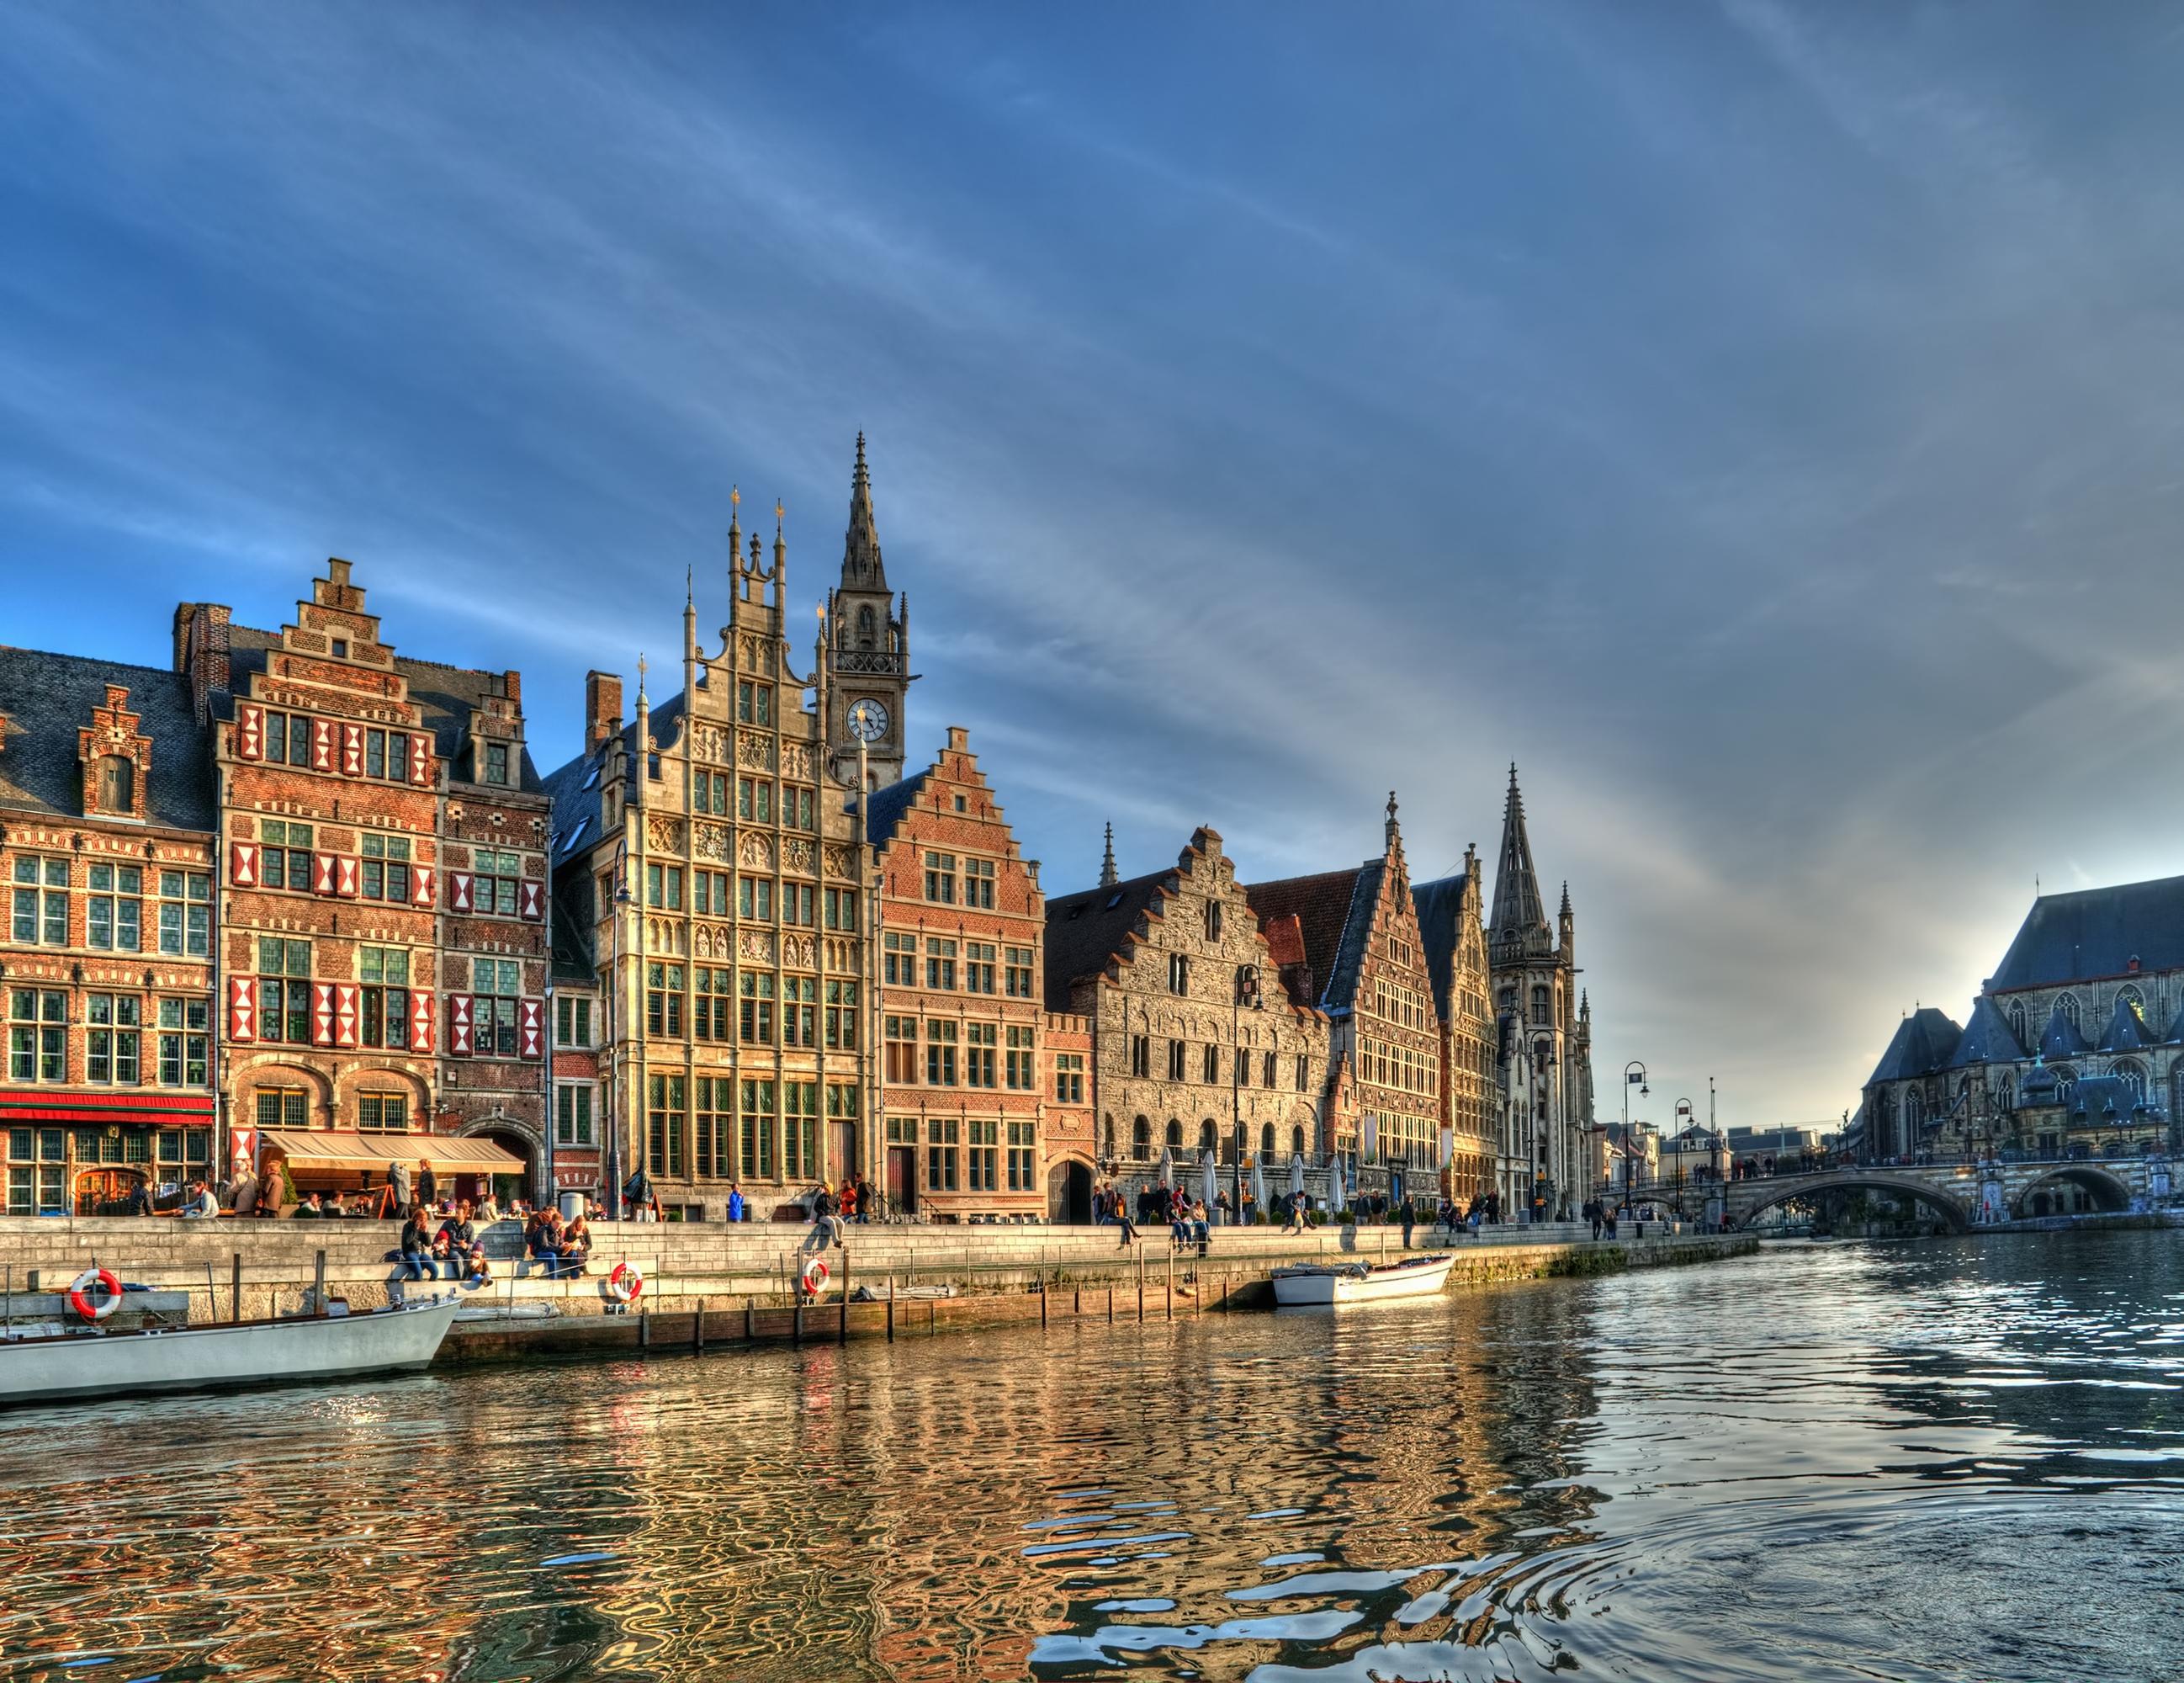 Круиз по Голландии и Бельгии – сплошной позитив и зашкаливающие эмоции